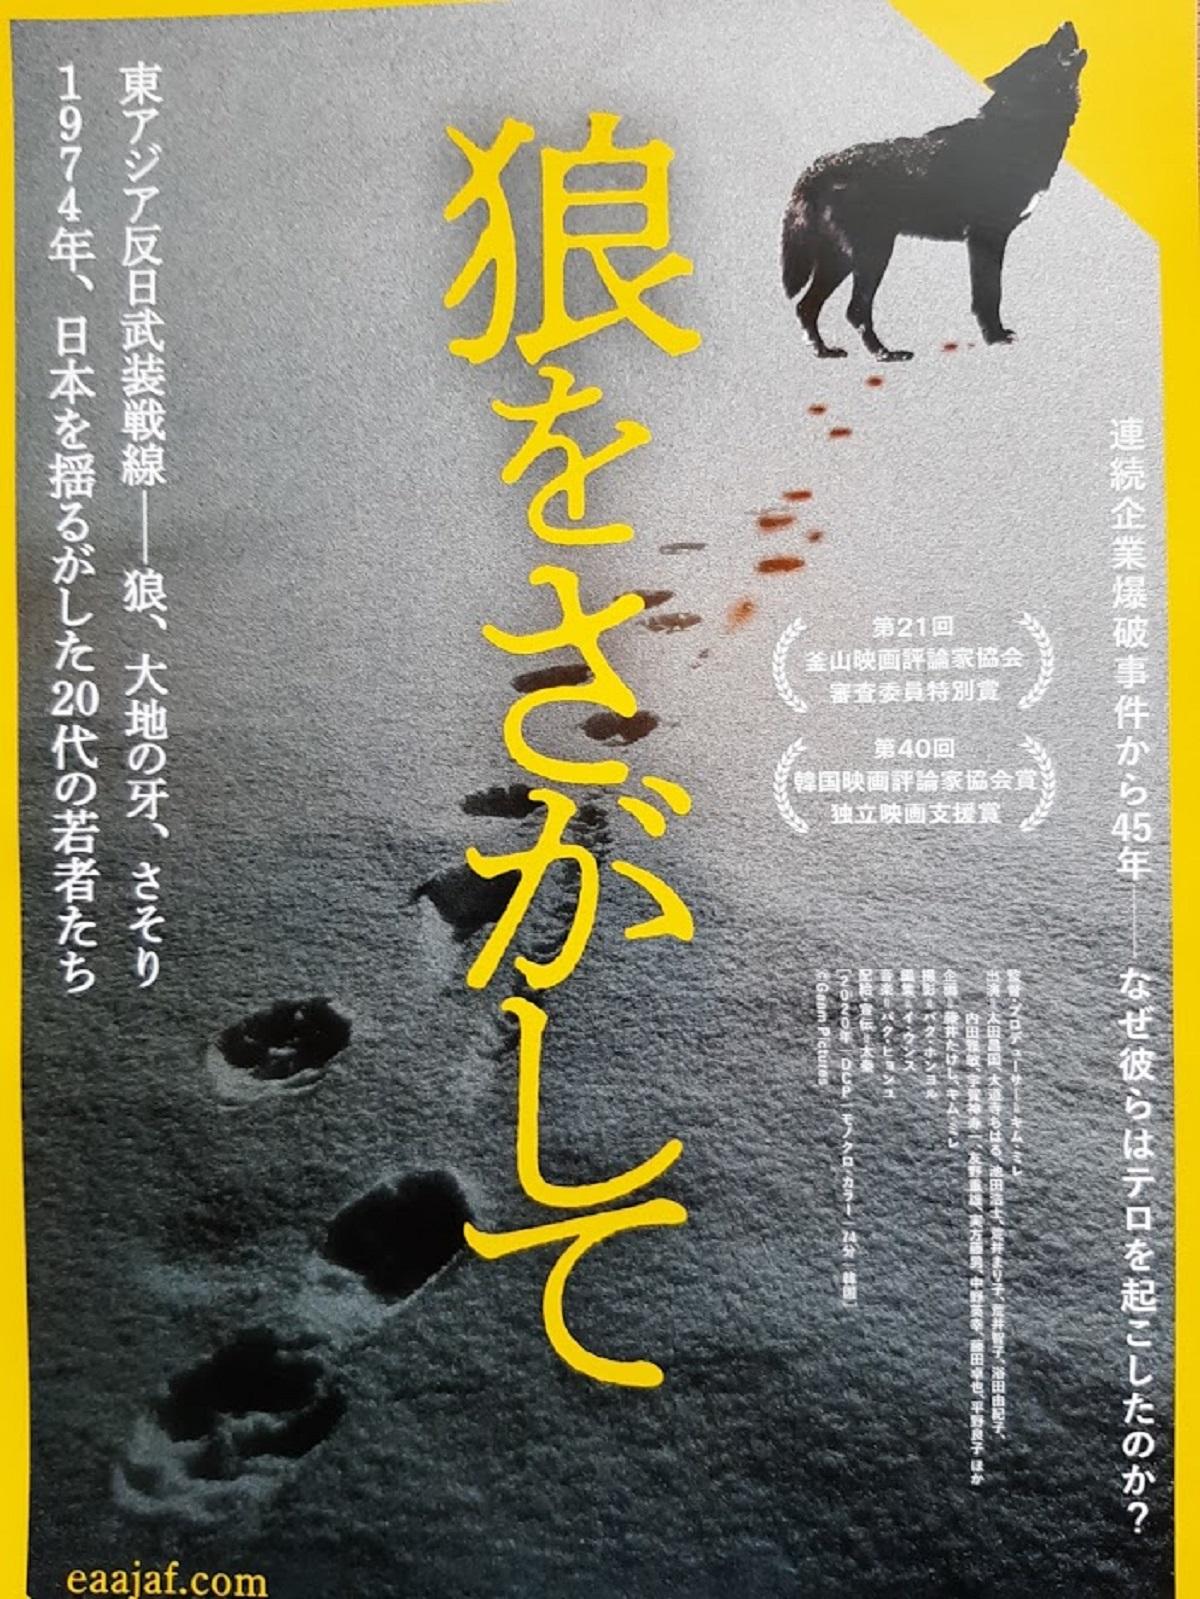 映画『狼を探して』のポスター